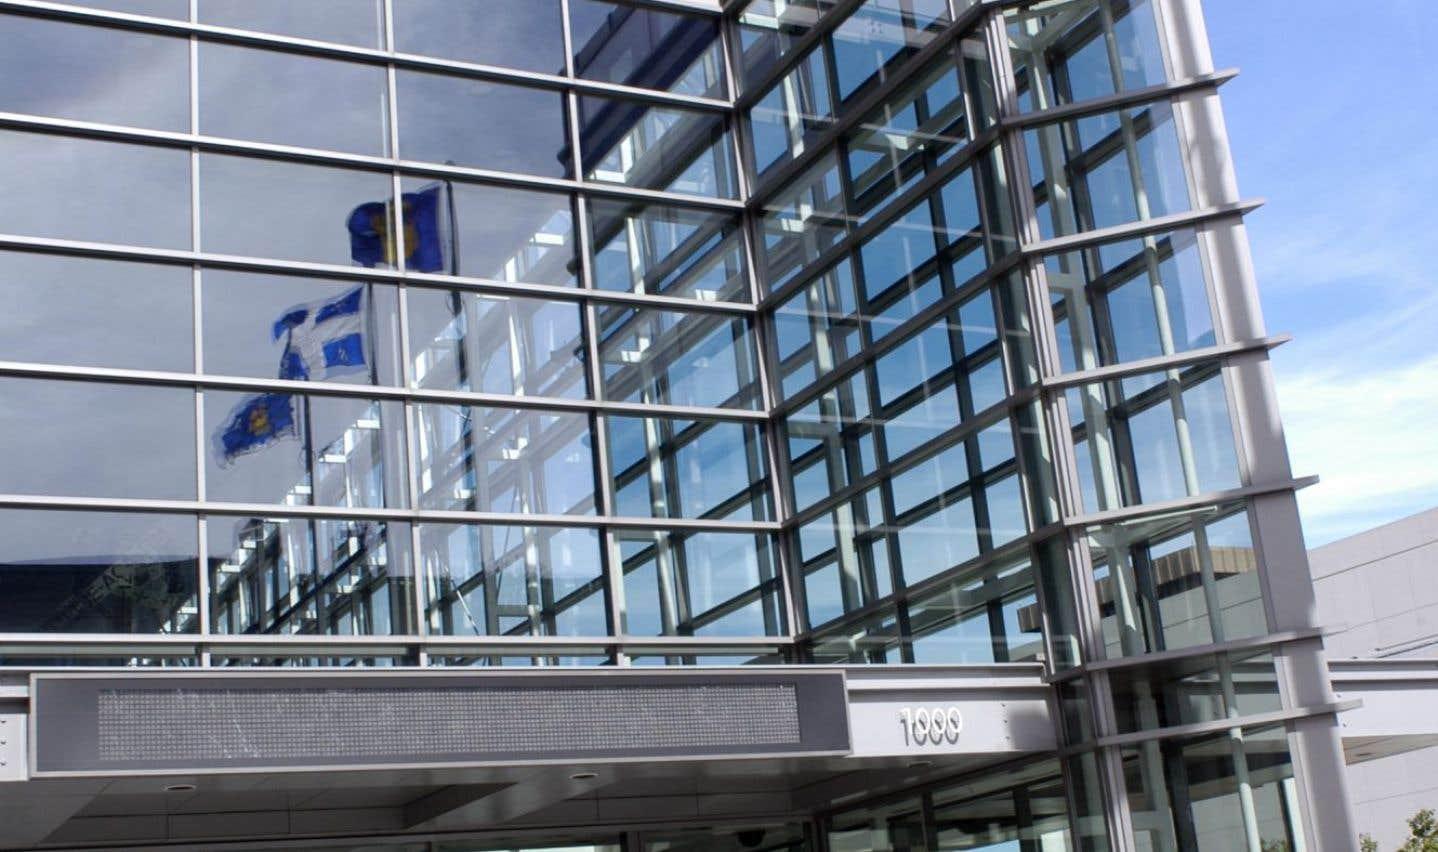 L'été 2014 aura été particulièrement exceptionnel pour le Centre des congrès de Québec, qui a accueilli 12 congrès internationaux en juin, juillet et août.